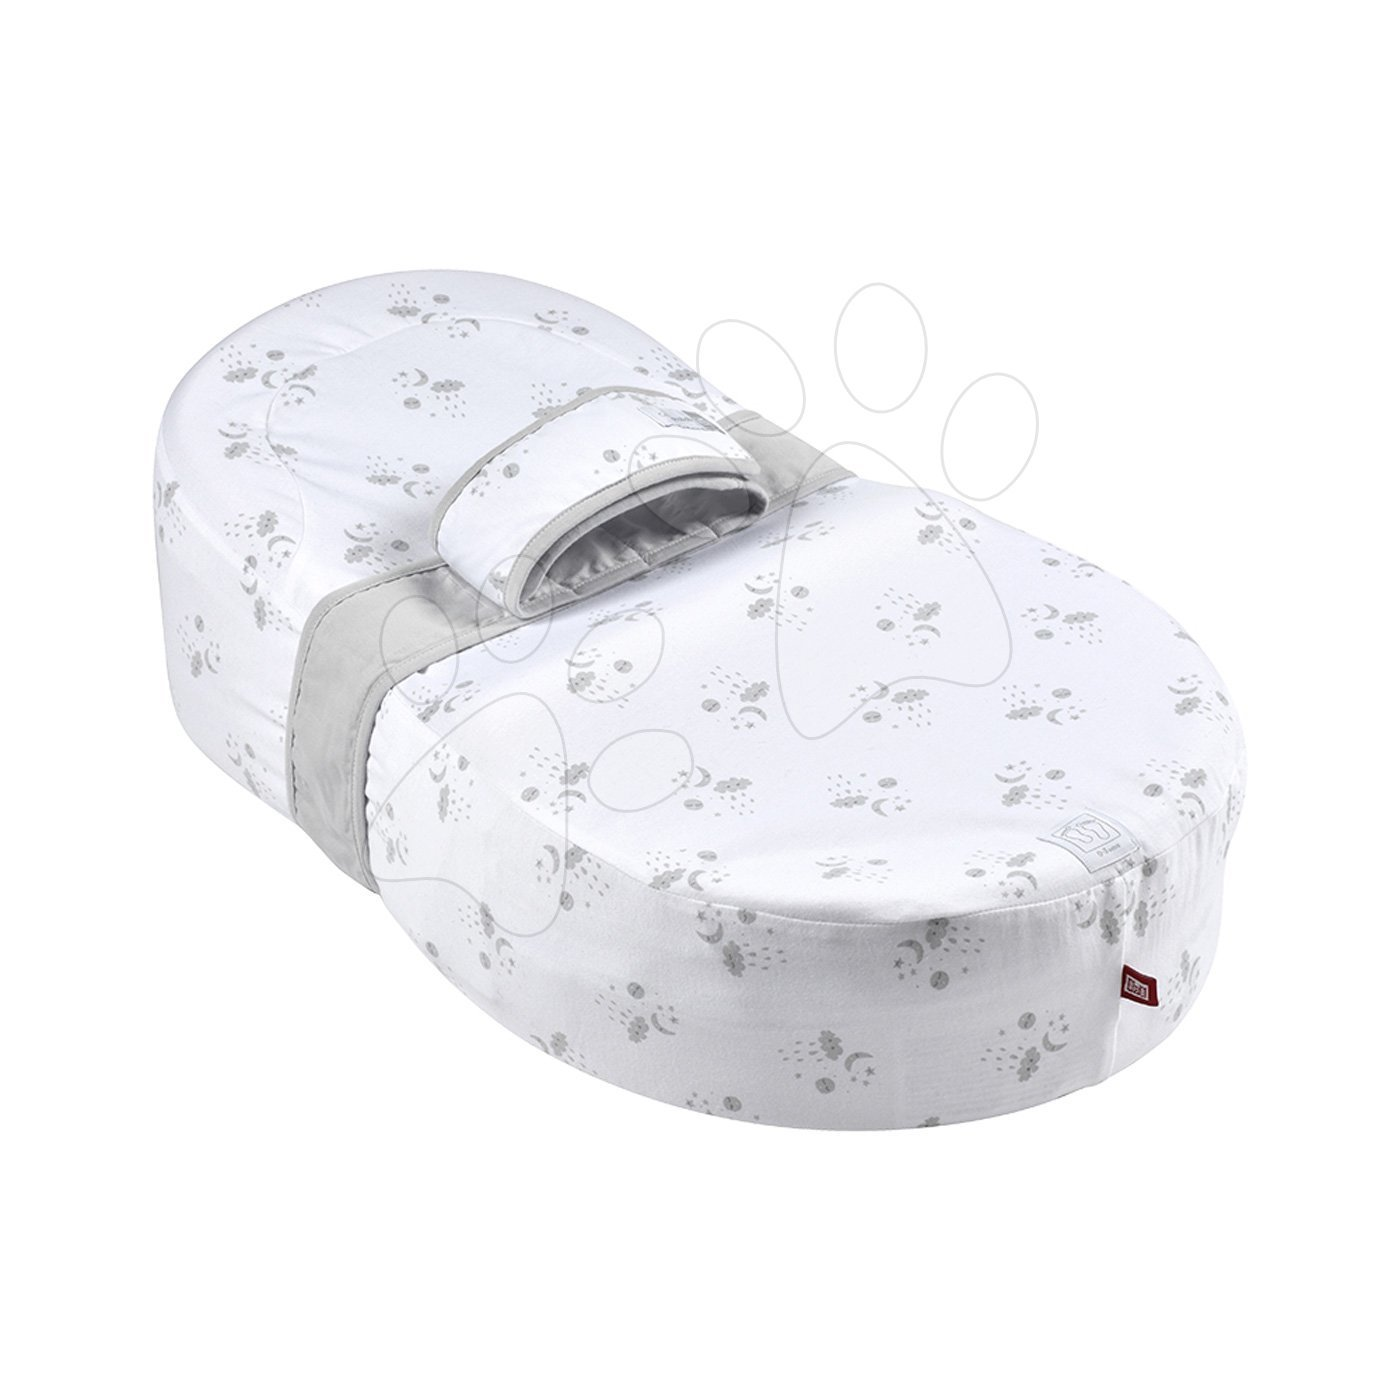 Hniezdo na spanie Cocoonababy® pre bábätká Dreamy Cloud Red Castle 0-4 mesiacov s doplnkami, s obláčikmi